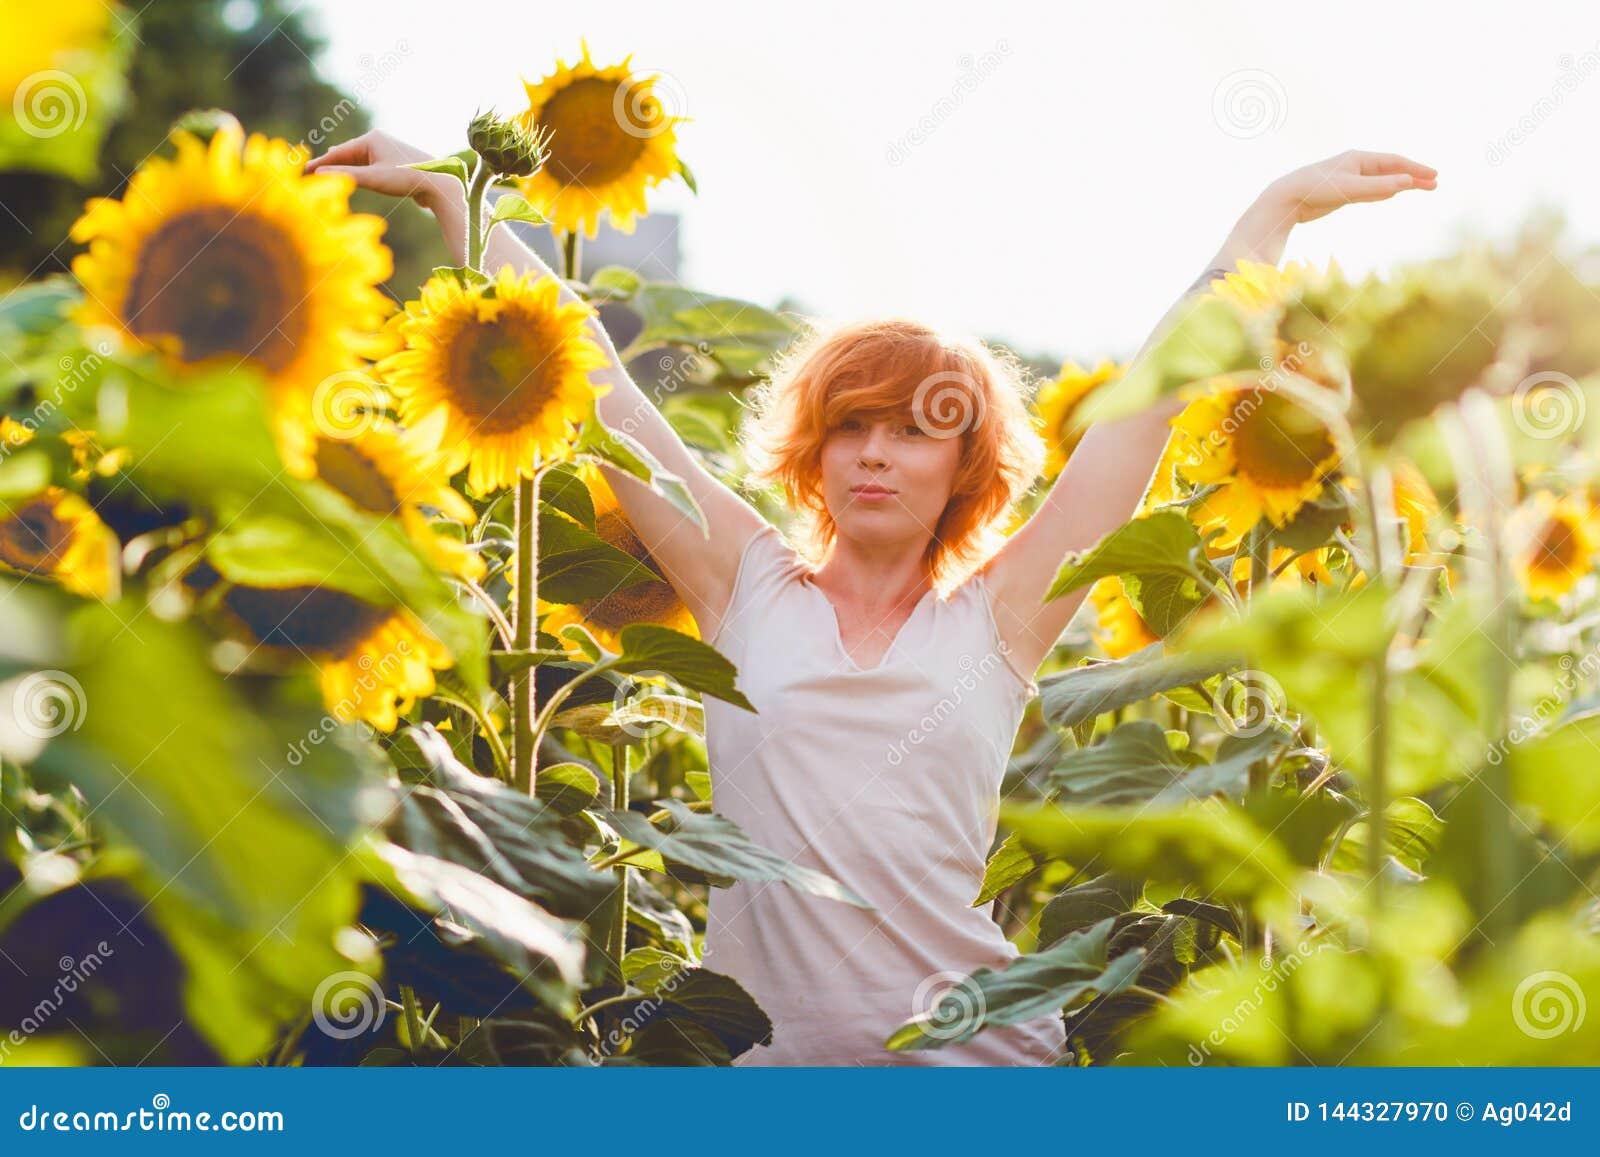 享受在向日葵在日落,美丽的红发妇女女孩的画象的领域的少女自然有的向日葵